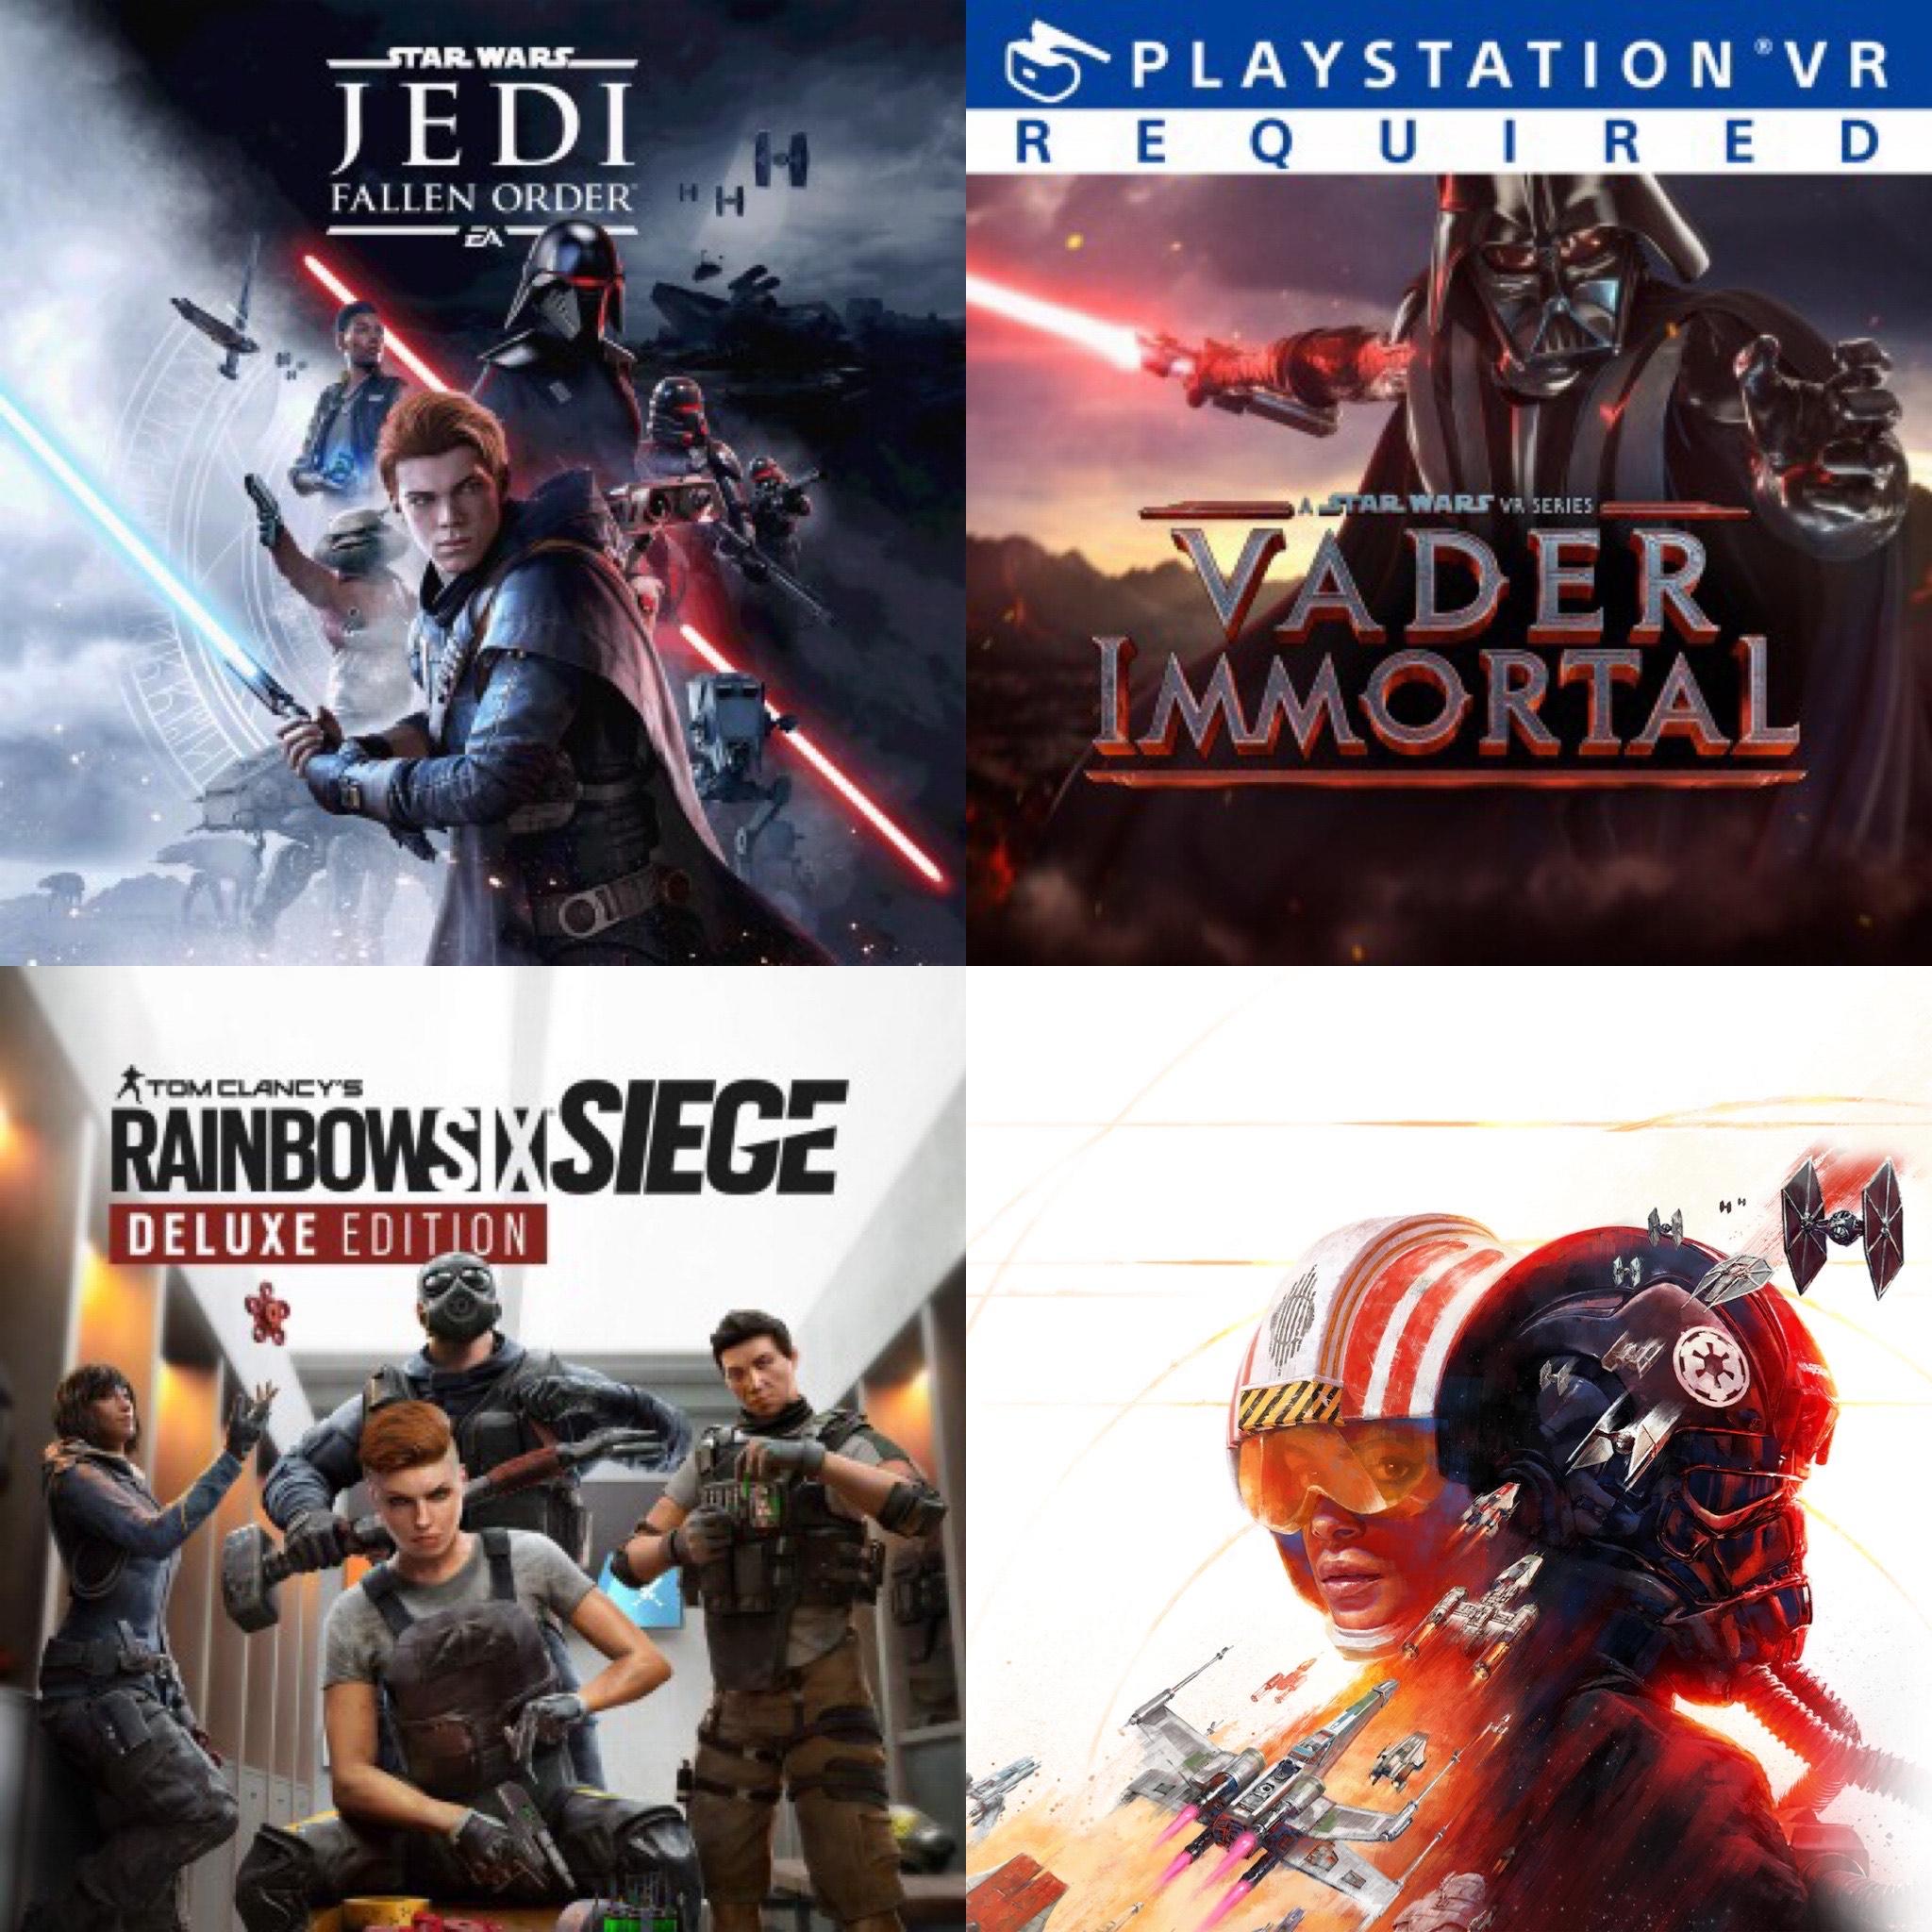 Sélection de Jeux en promotion - Ex : Star Wars Jedi: Fallen Order à 19.99€ sur PS4/PS5 (Dématérialisé)